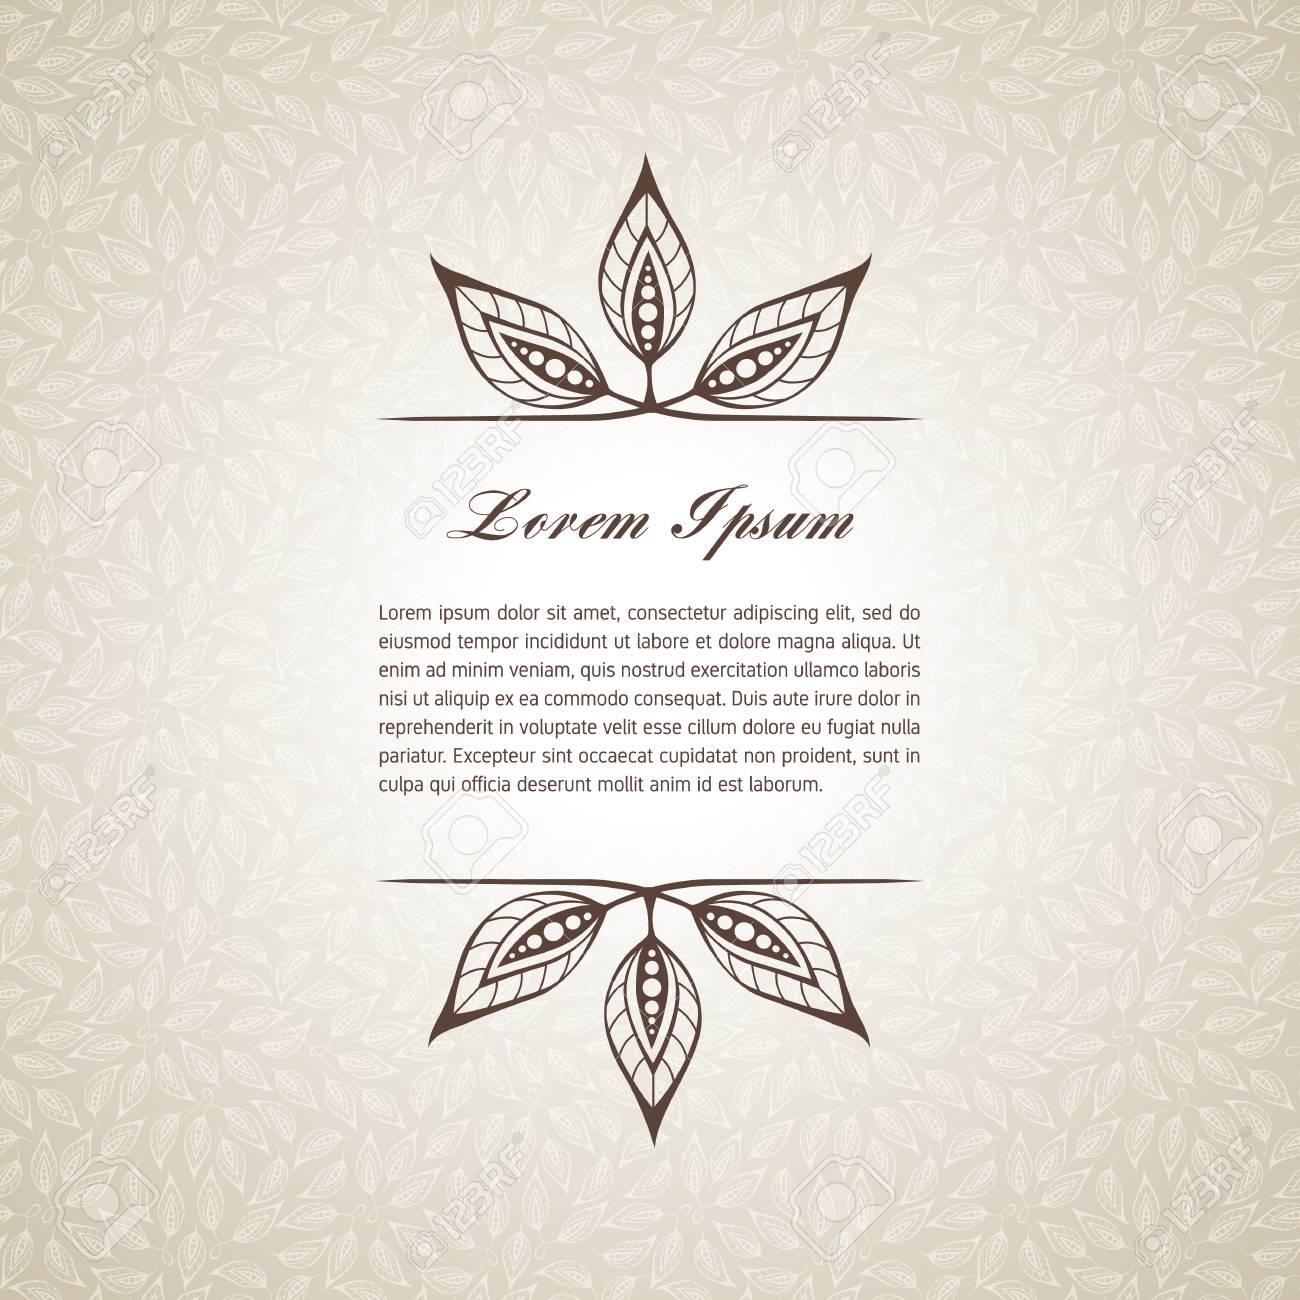 Plantilla Para Texto Corto, Tarjetas De Felicitación, Invitaciones ...